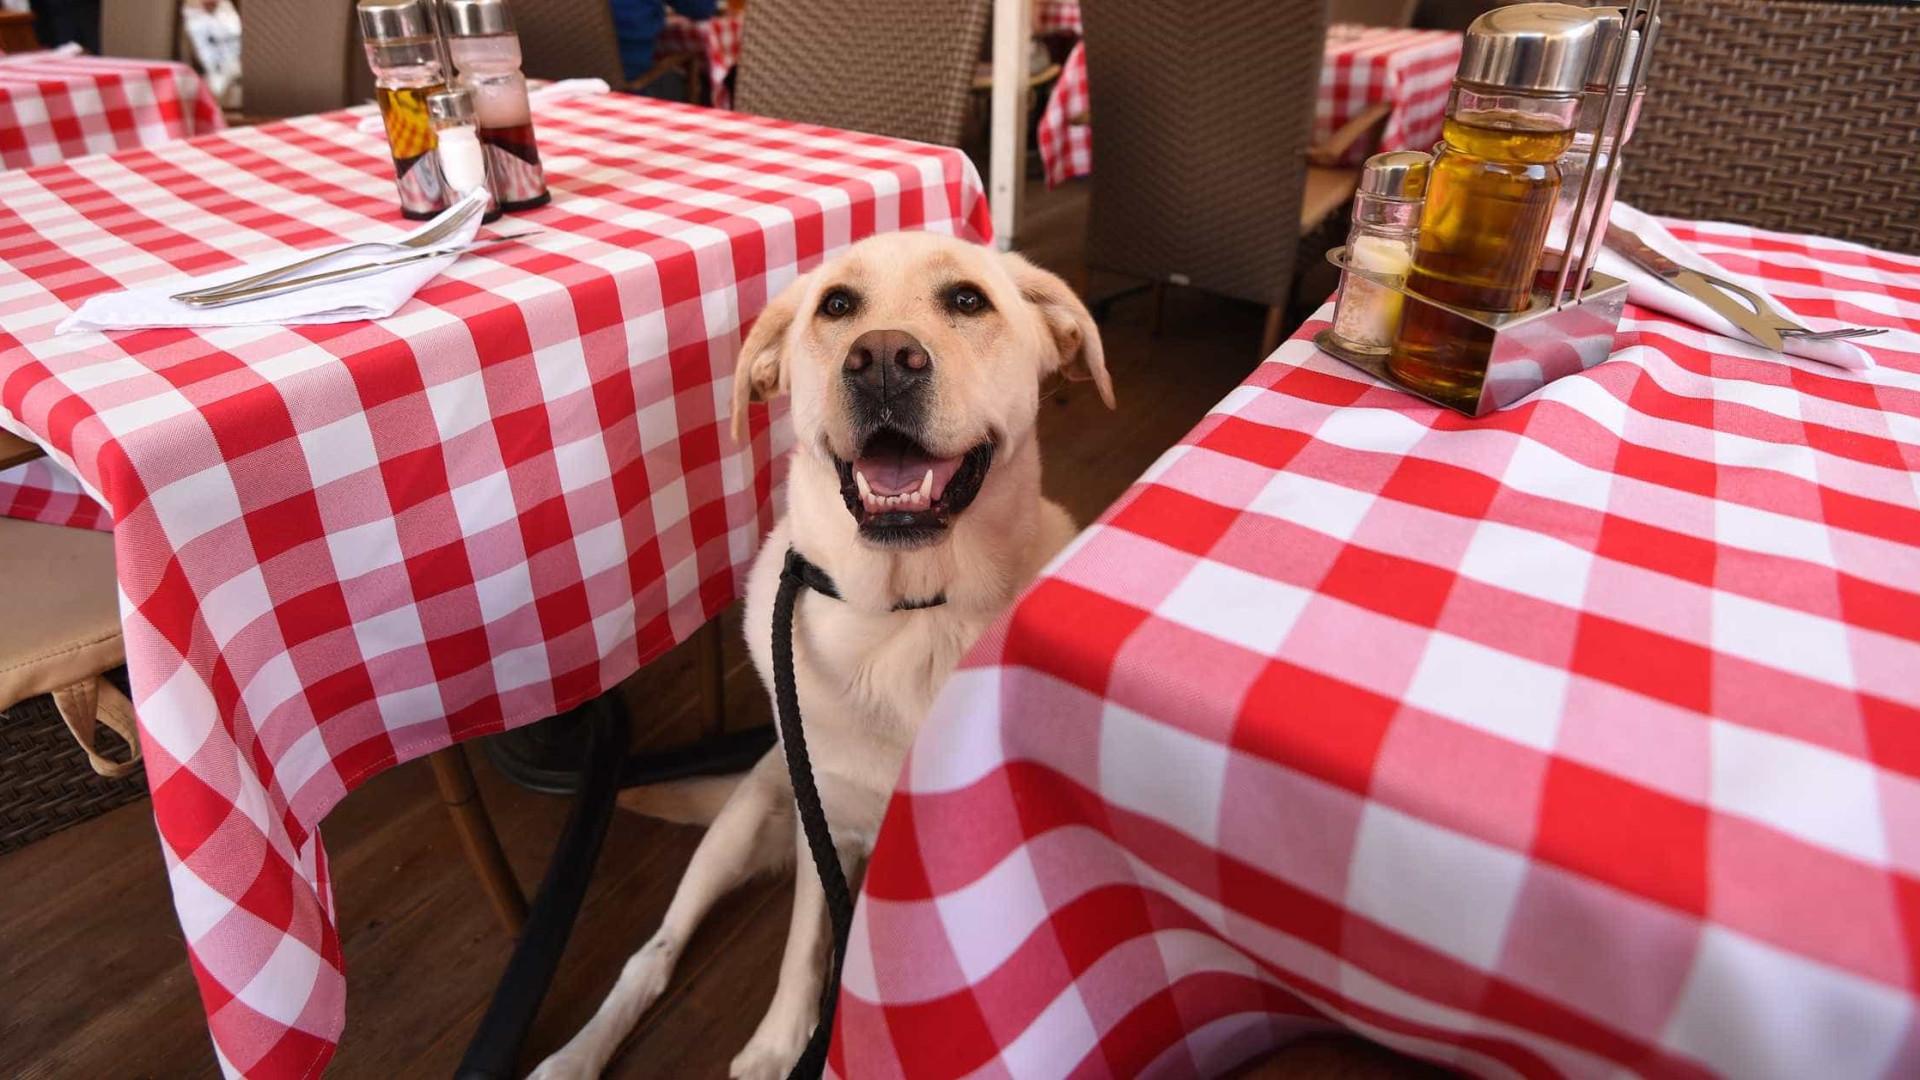 Maioria dos restaurantes não irá aderir à permissão de entrada de animais